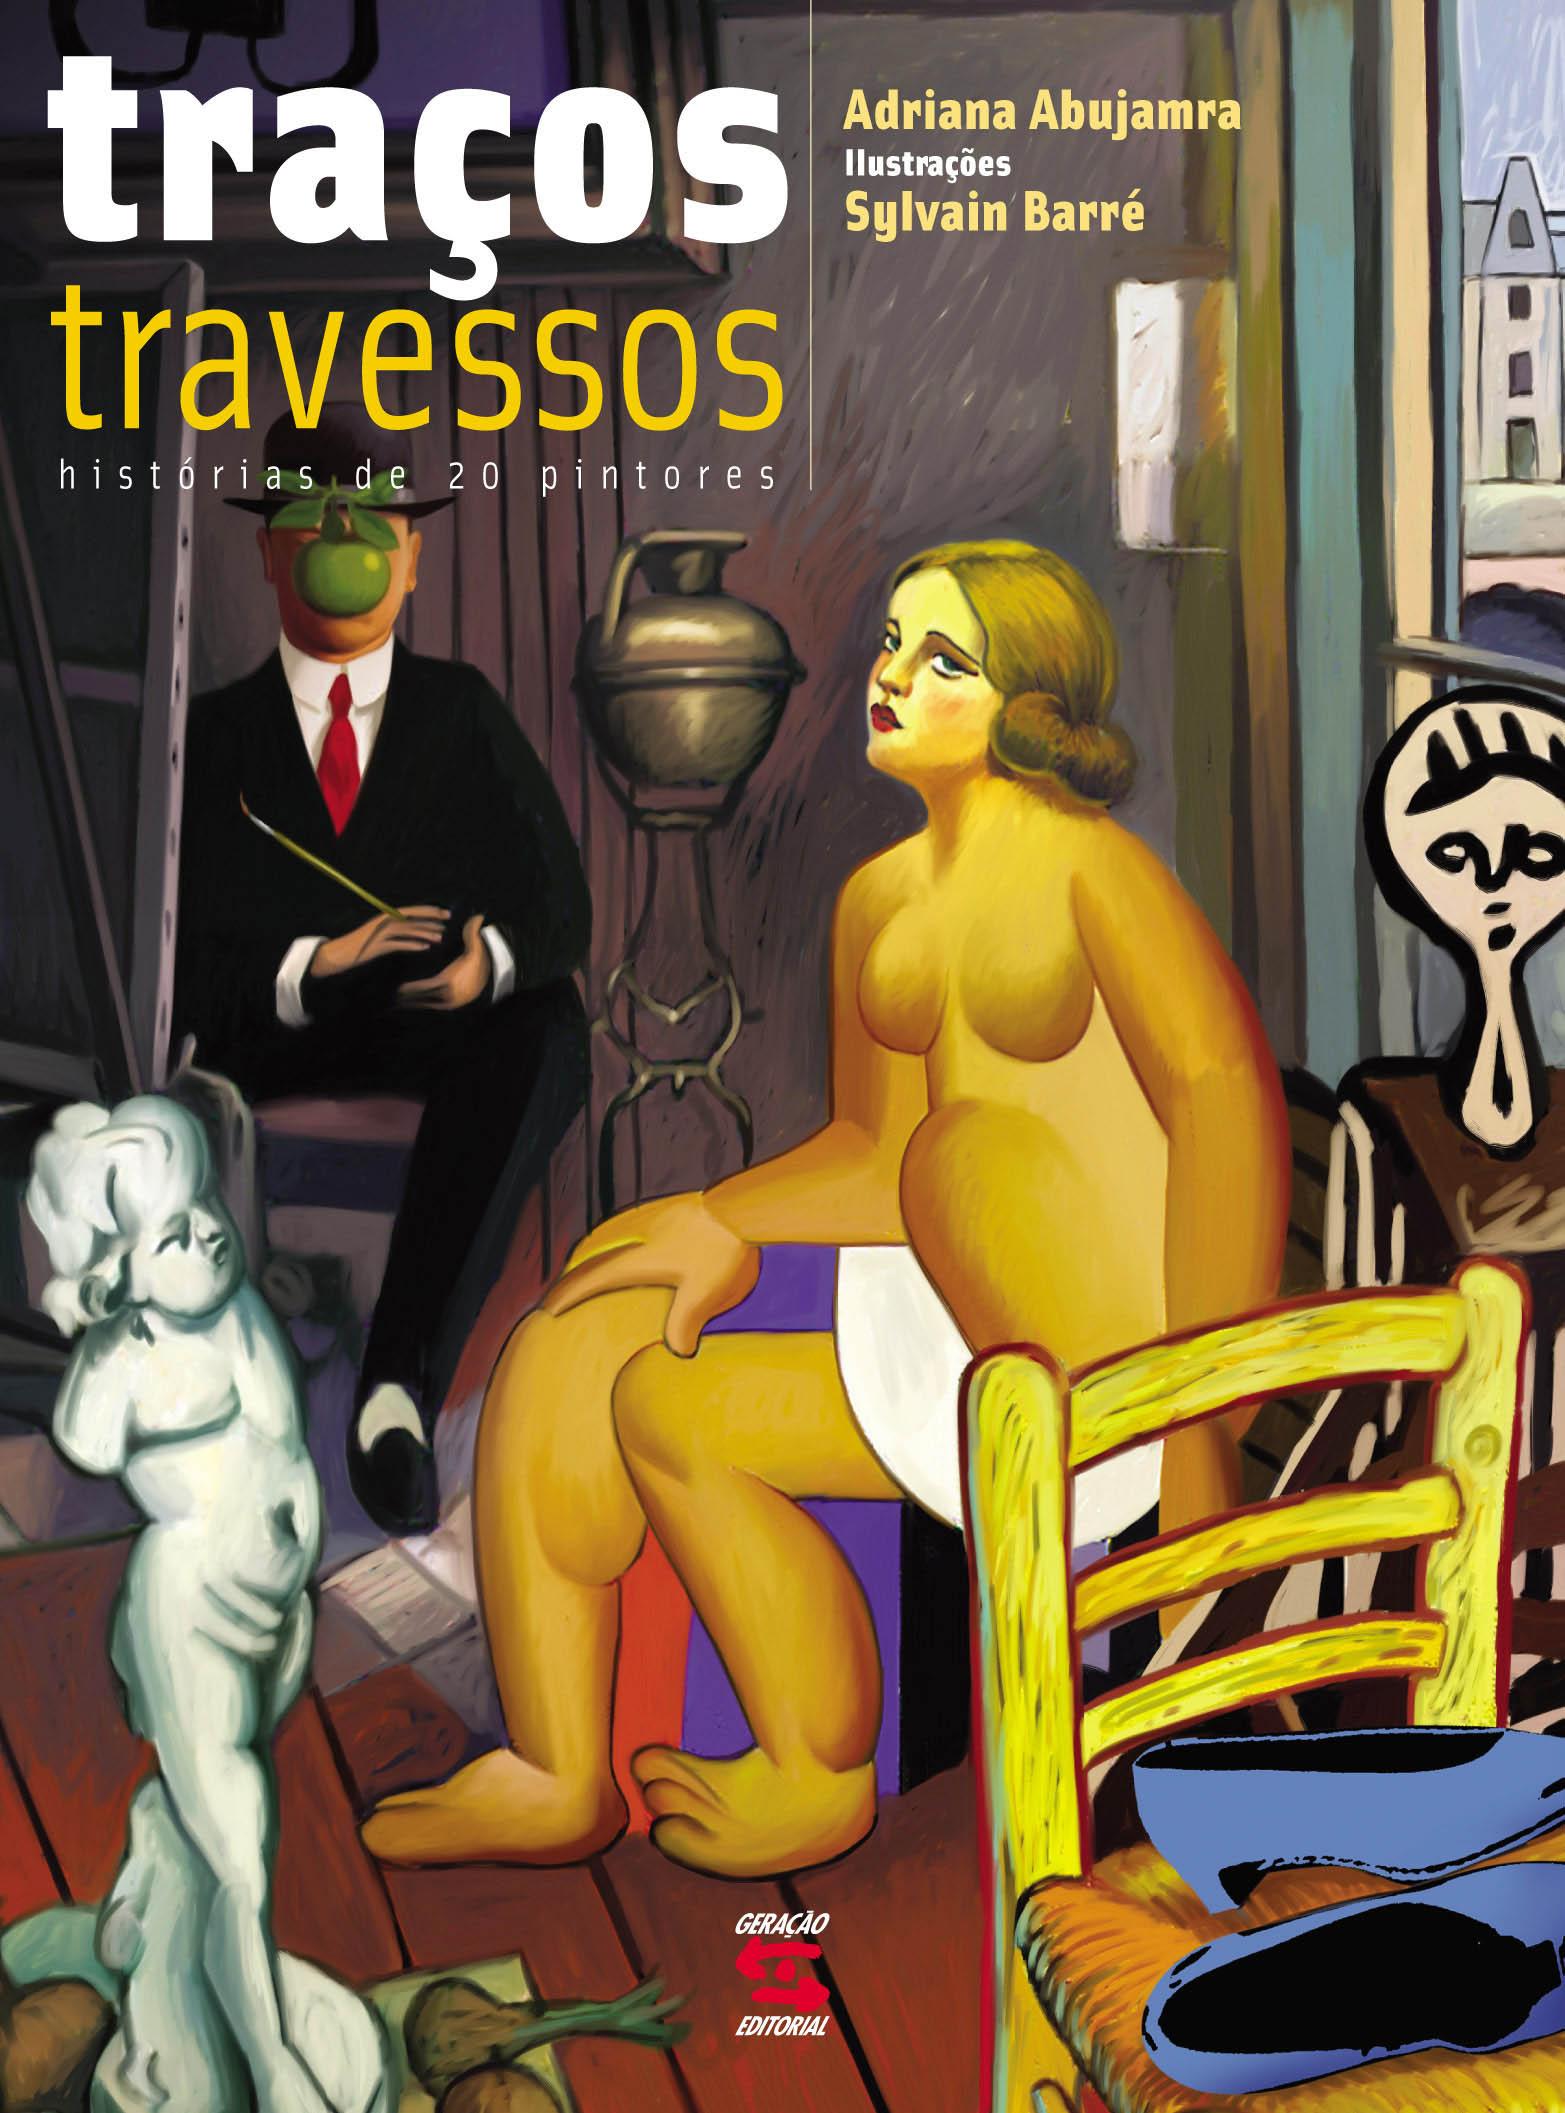 tracos_travessos